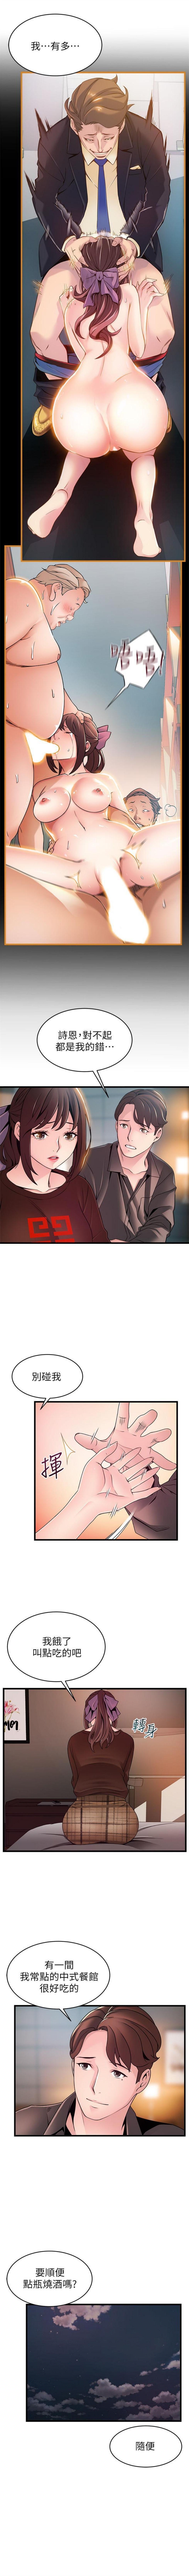 (週7)弱點 1-76 中文翻譯(更新中) 419